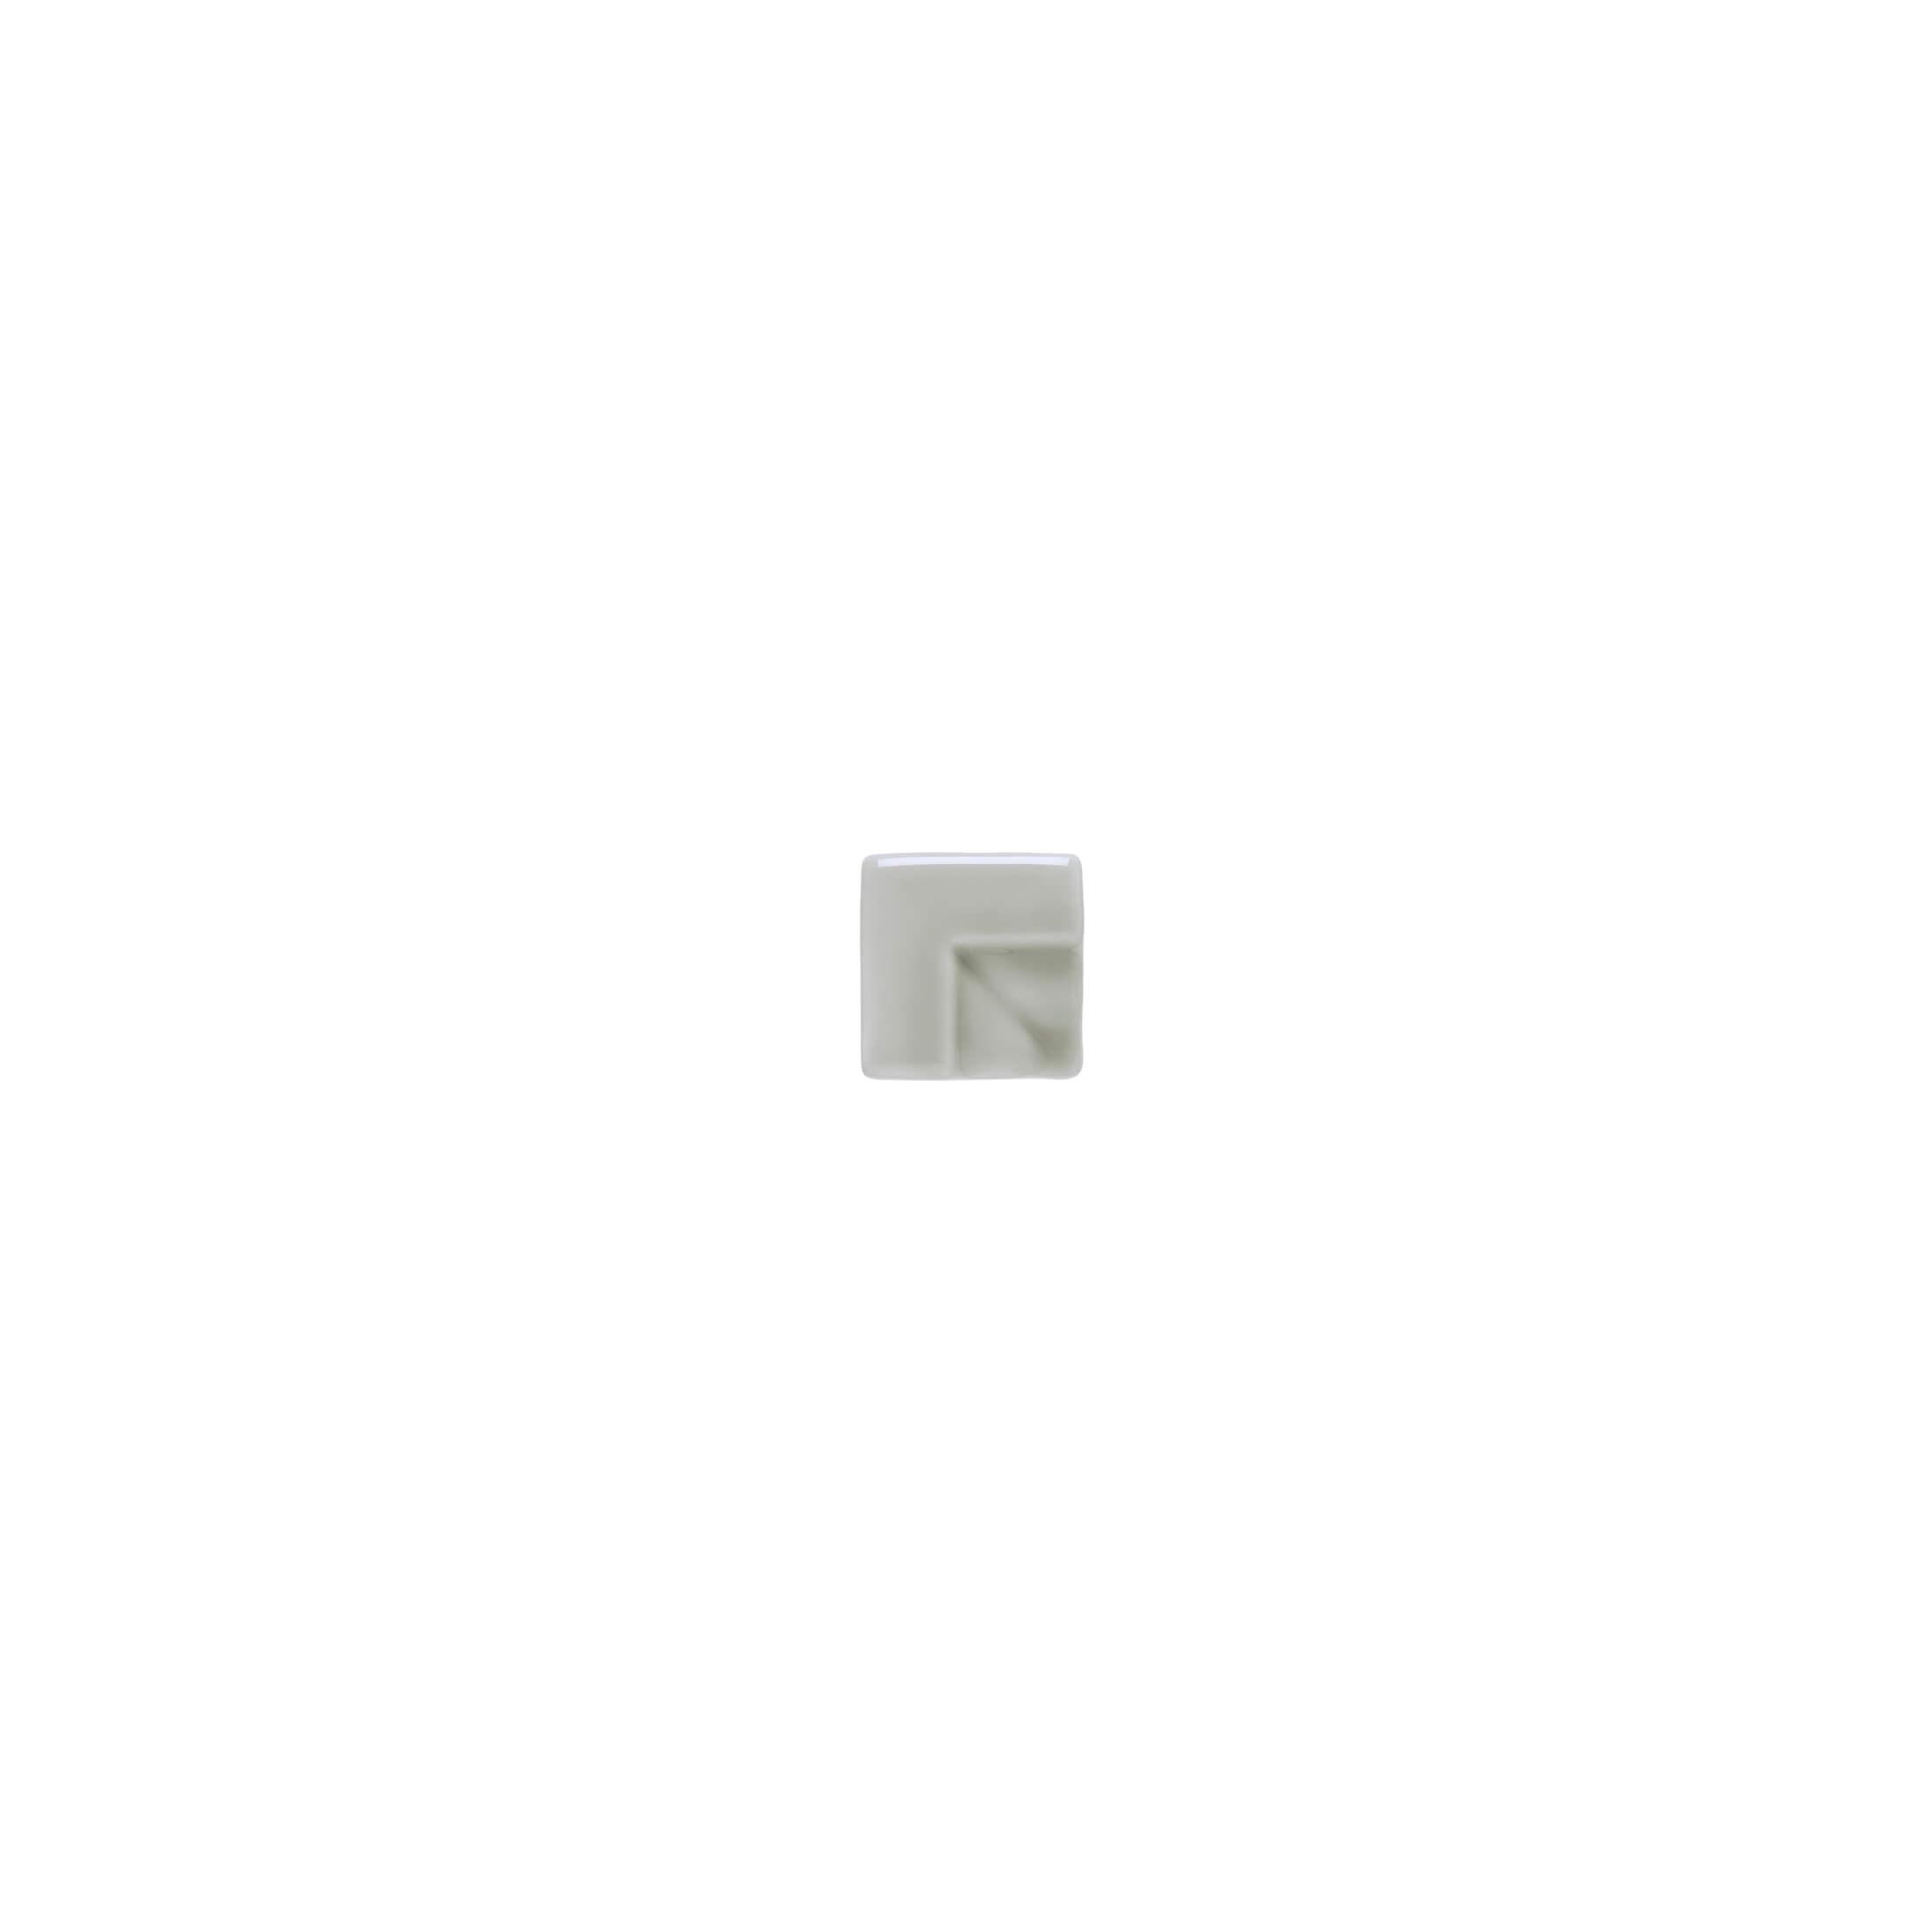 ADNE5486 - ANGULO MARCO CORNISACLASICA - 3.5 cm X 15 cm